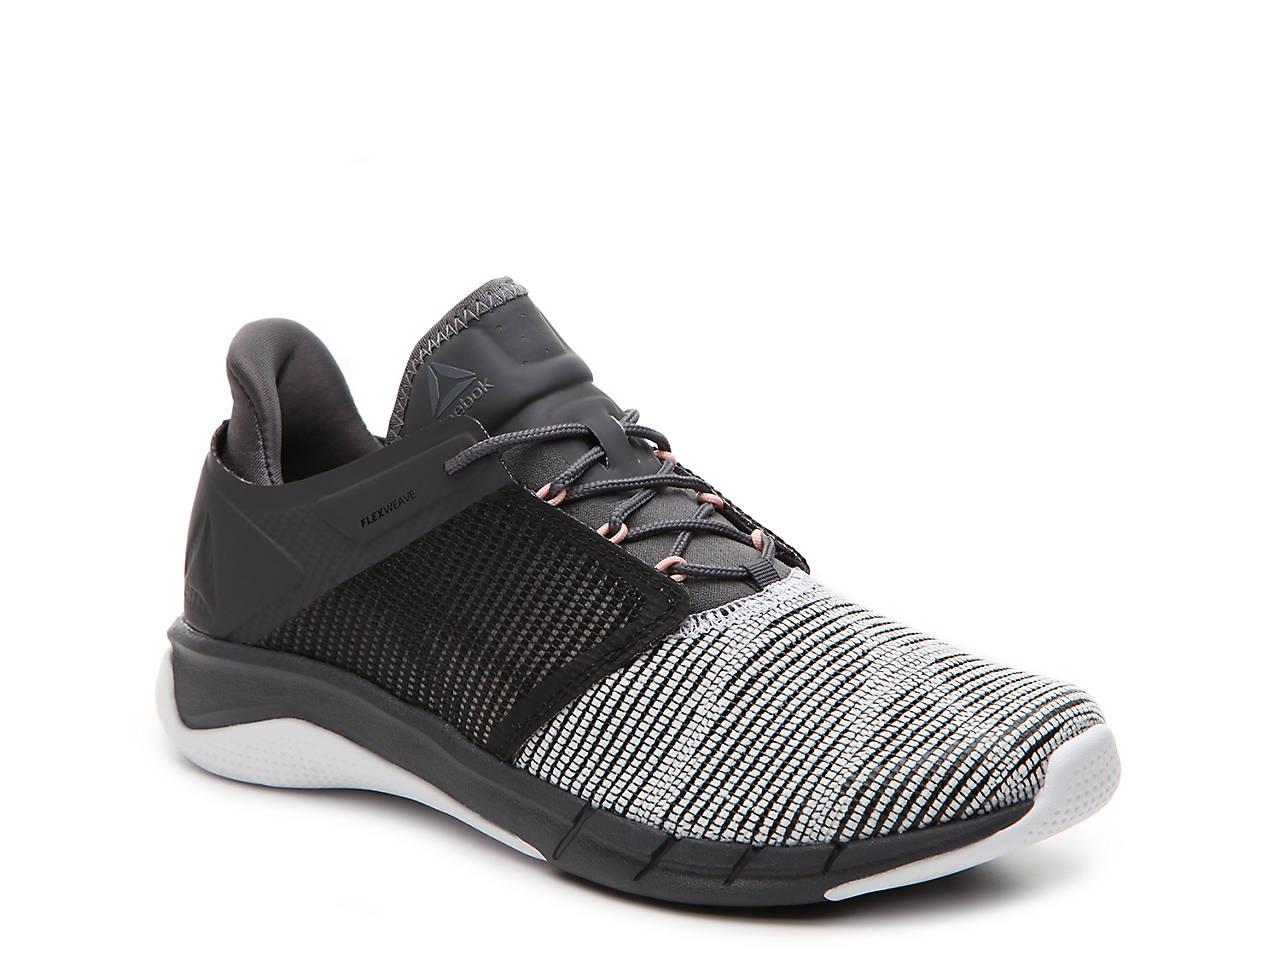 d0c37b6834b305 Reebok FlexWeave Run Lightweight Running Shoe - Women s Women s ...